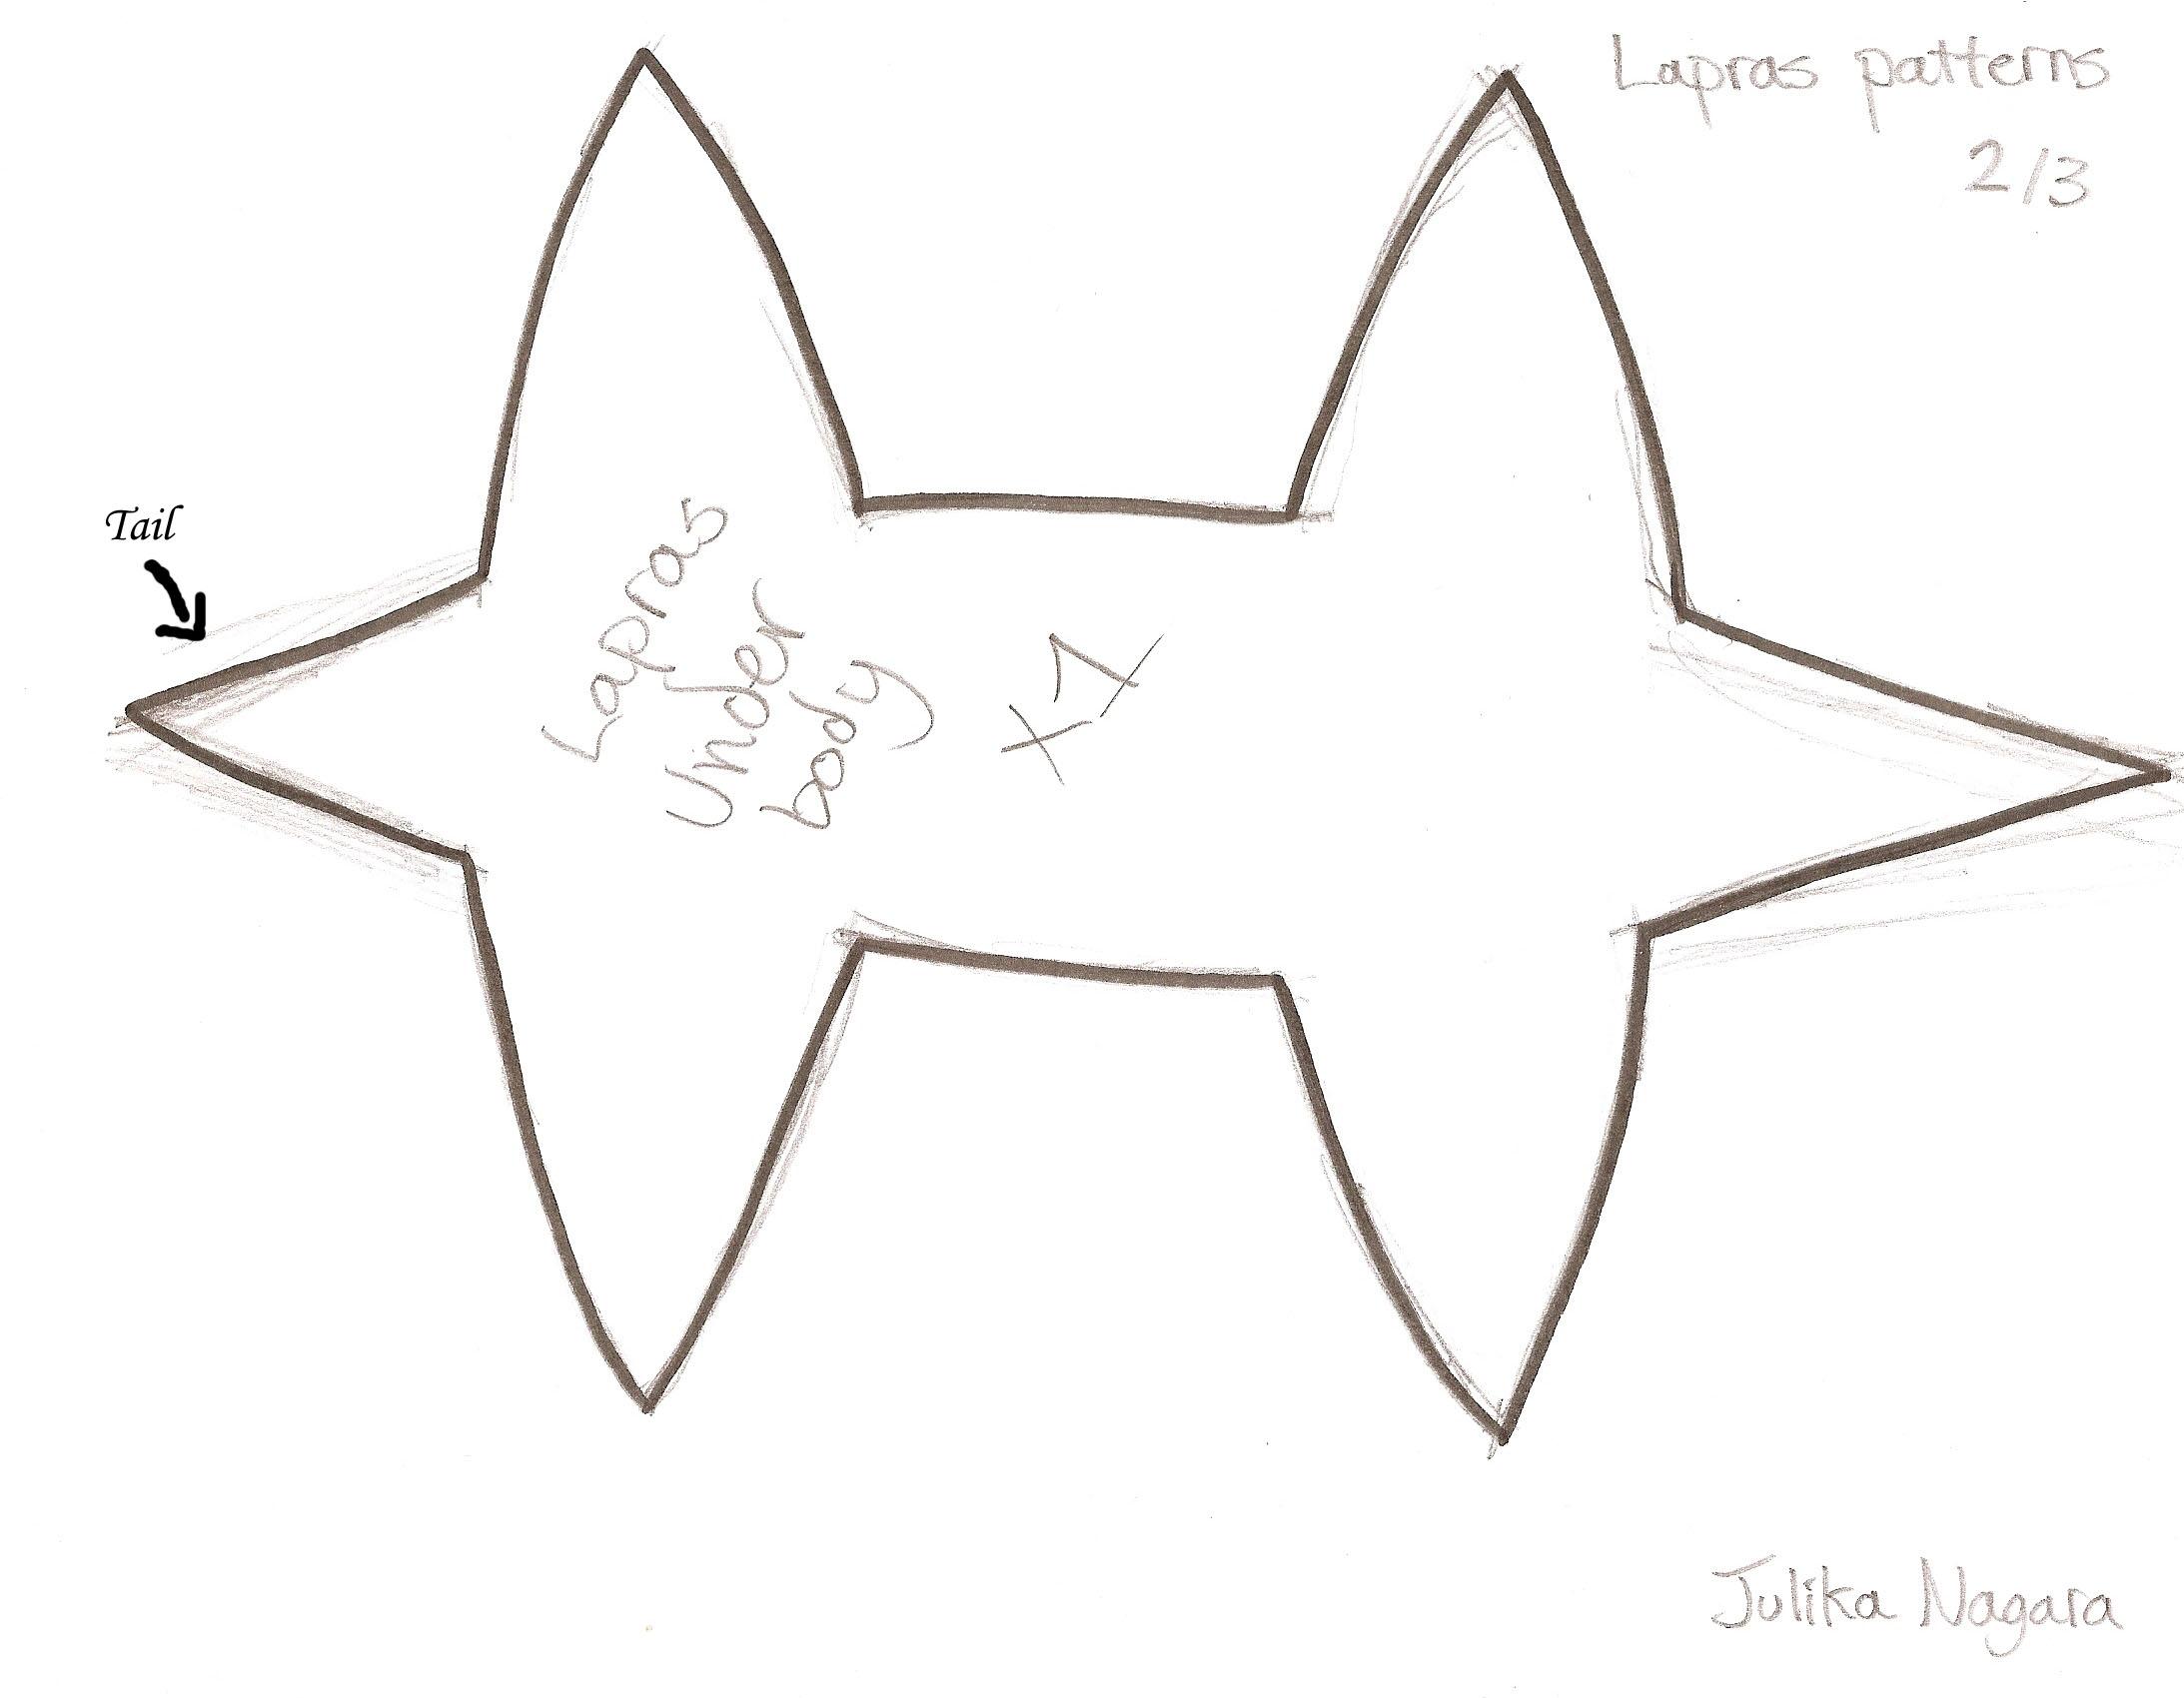 Lapras patterns p2 by Julika-Nagara